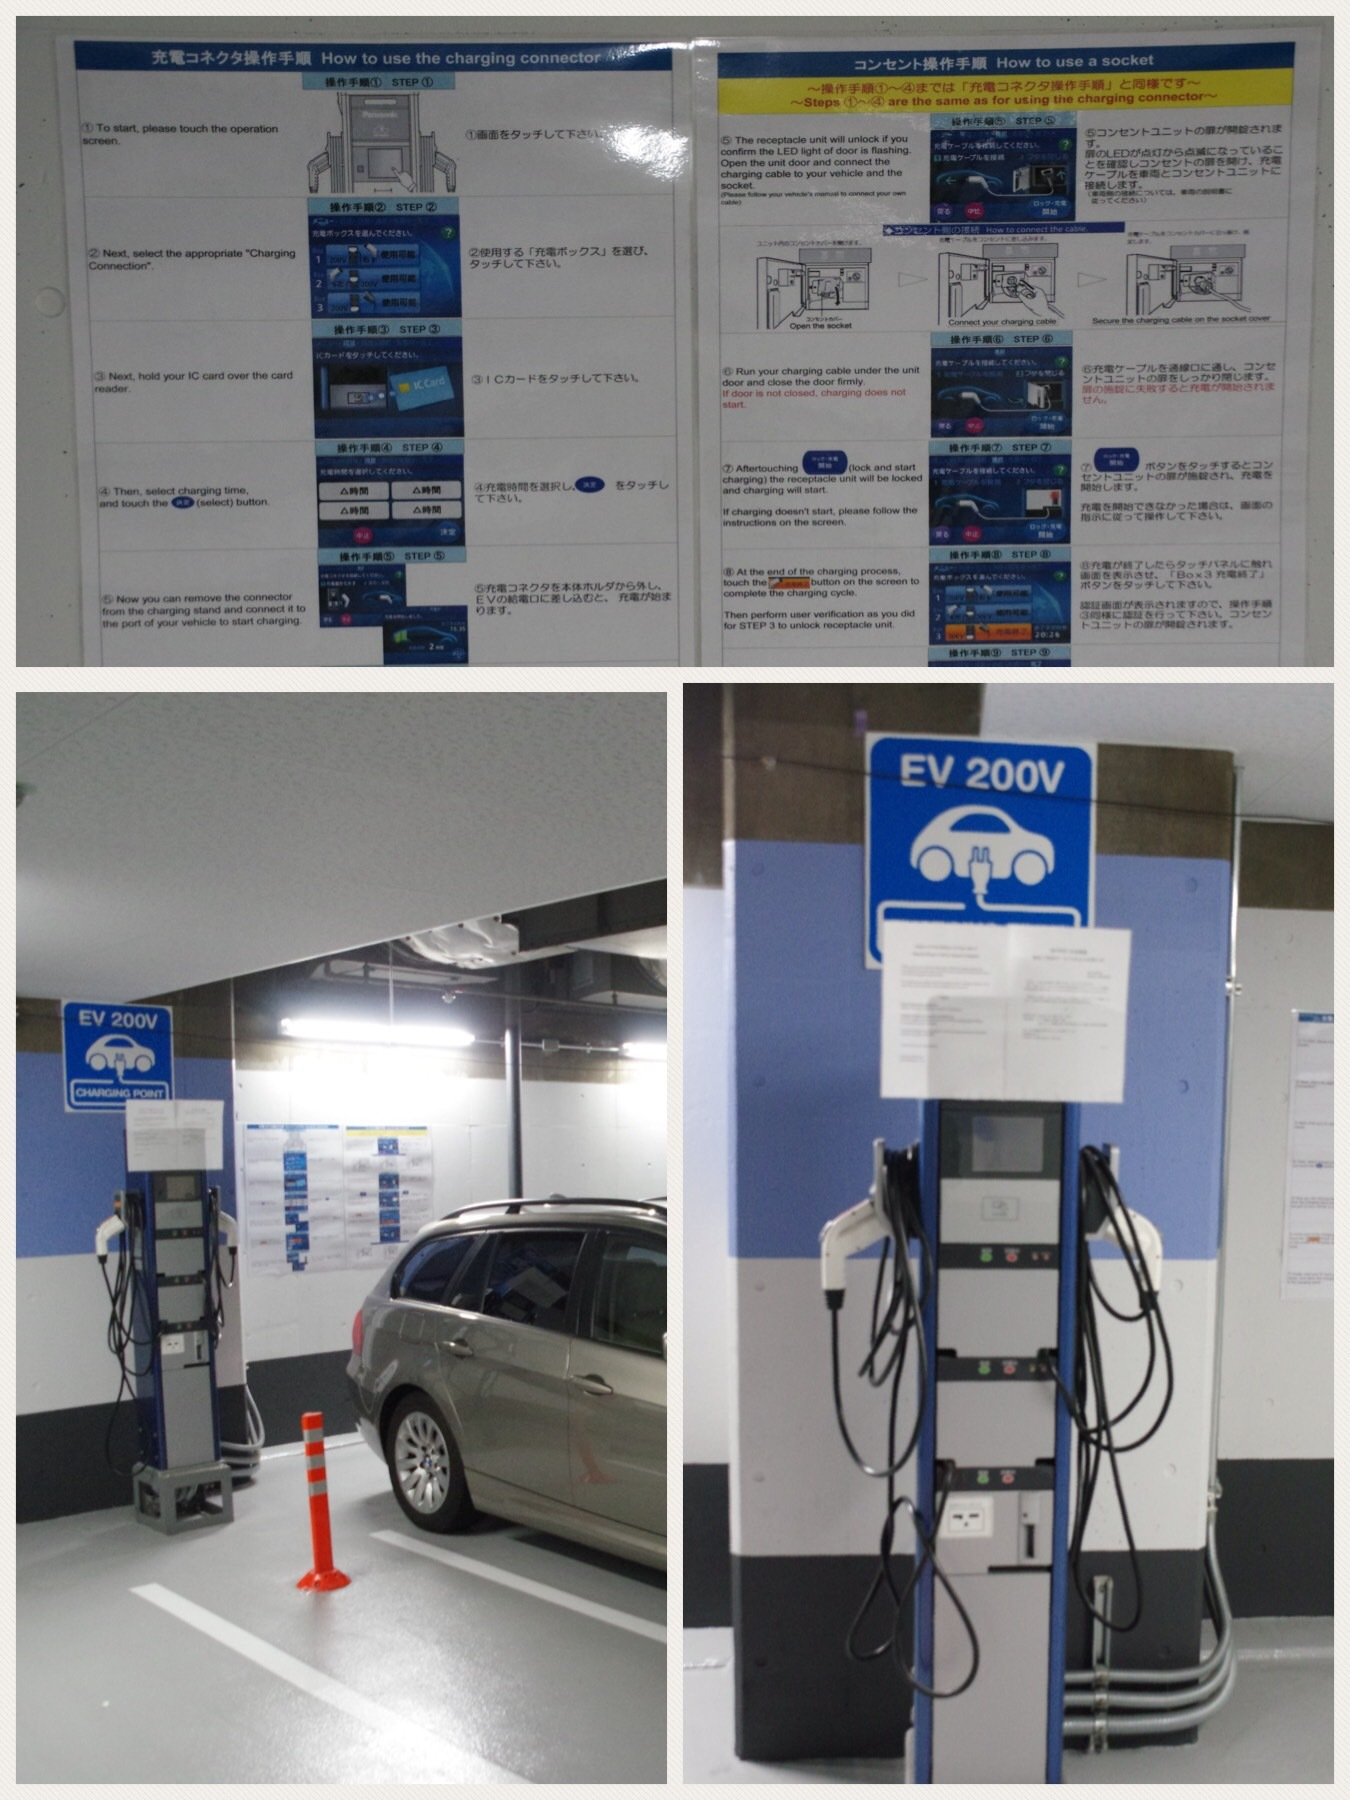 EV.PHEV充電スポット情報 六本木アークヒルズ アーク森ビル駐車場